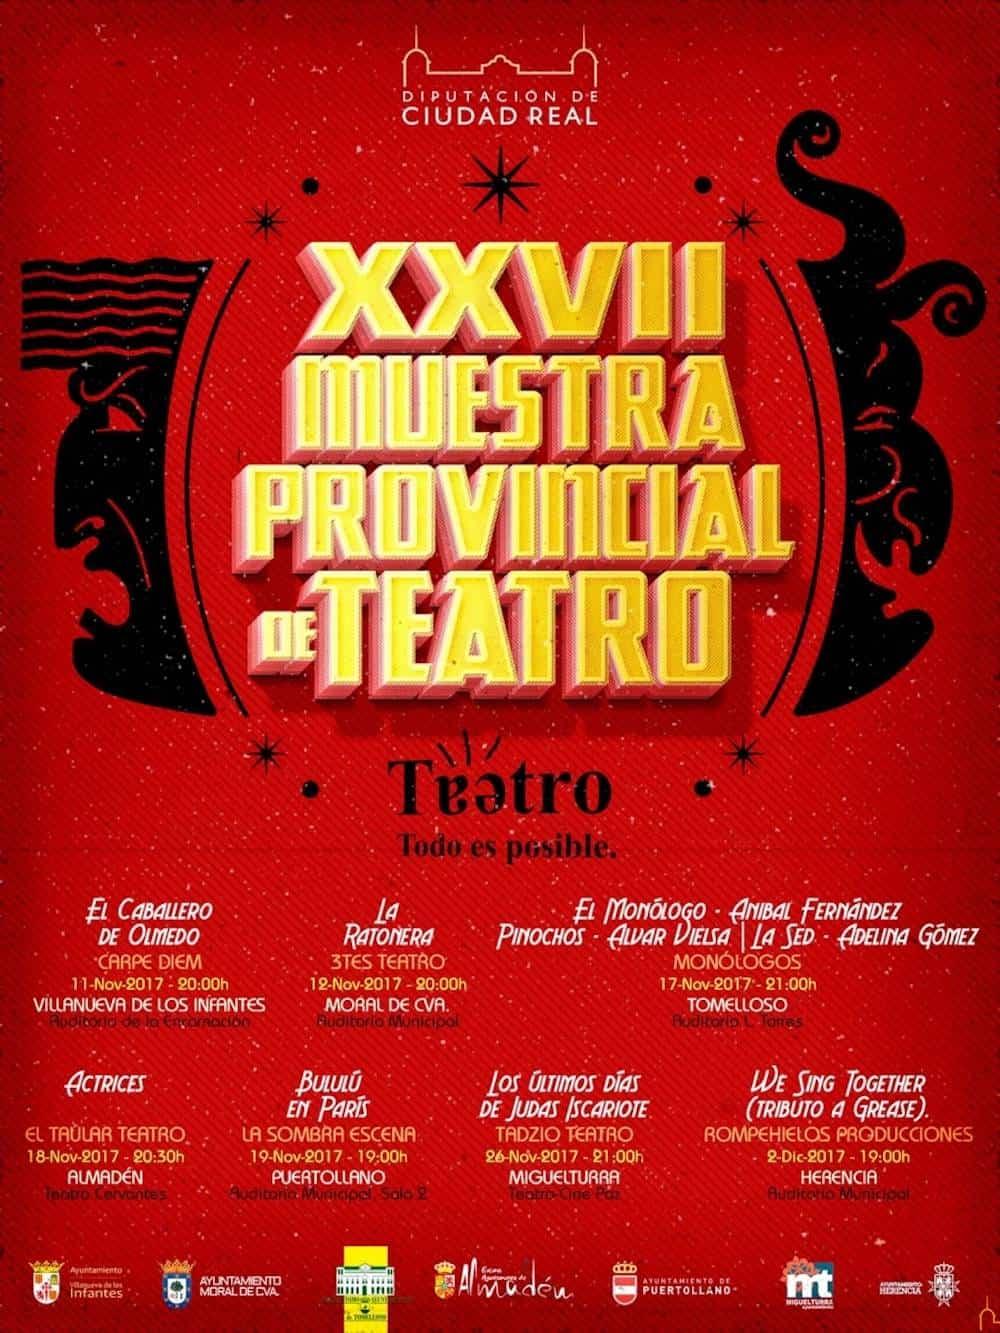 muestra provincial teatro 2017 - XXVII Muestra Provincial de Teatro de la Diputación concluirá en Herencia